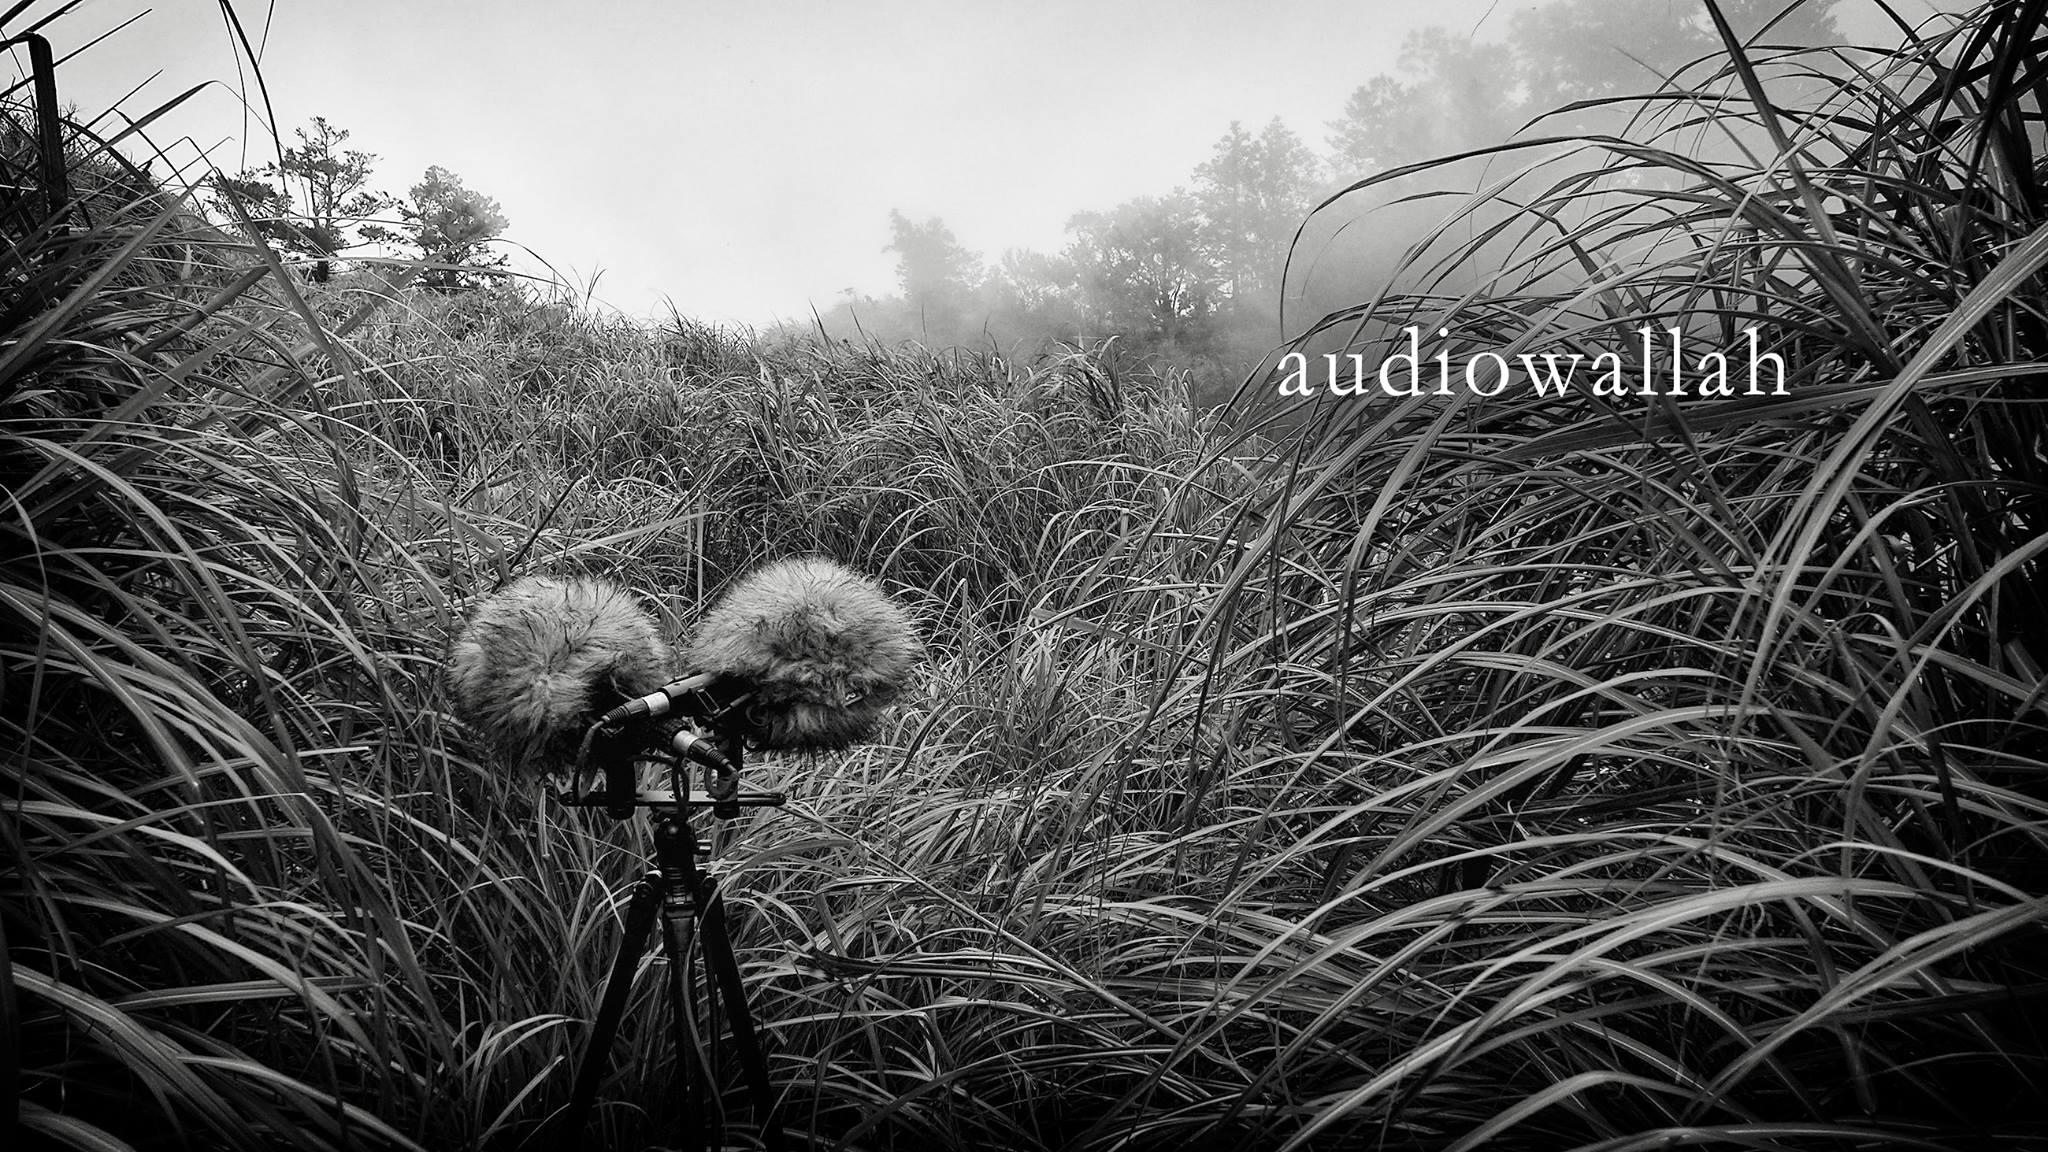 audiowallah.jpg